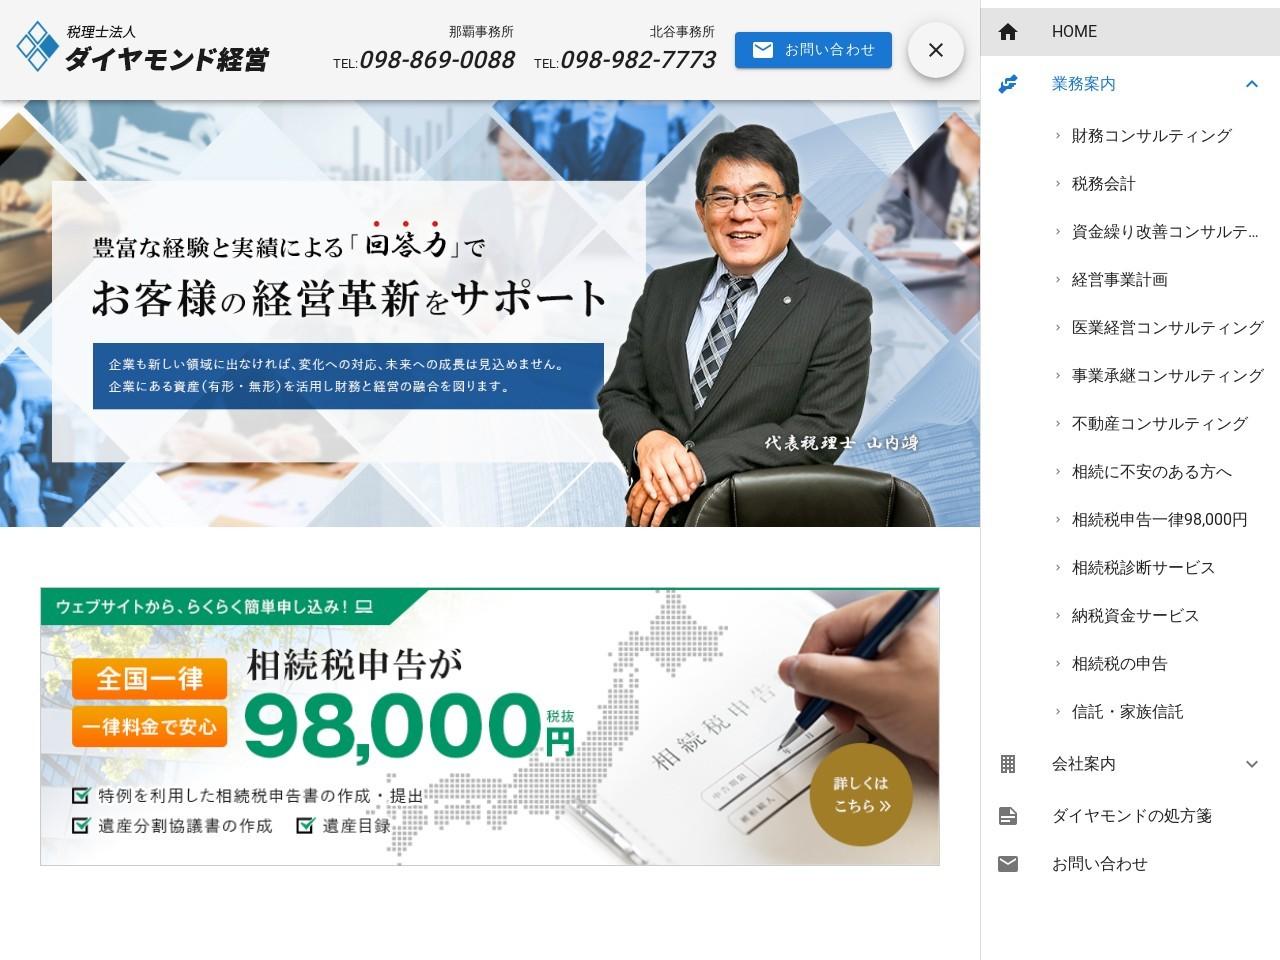 ダイヤモンド経営(税理士法人)